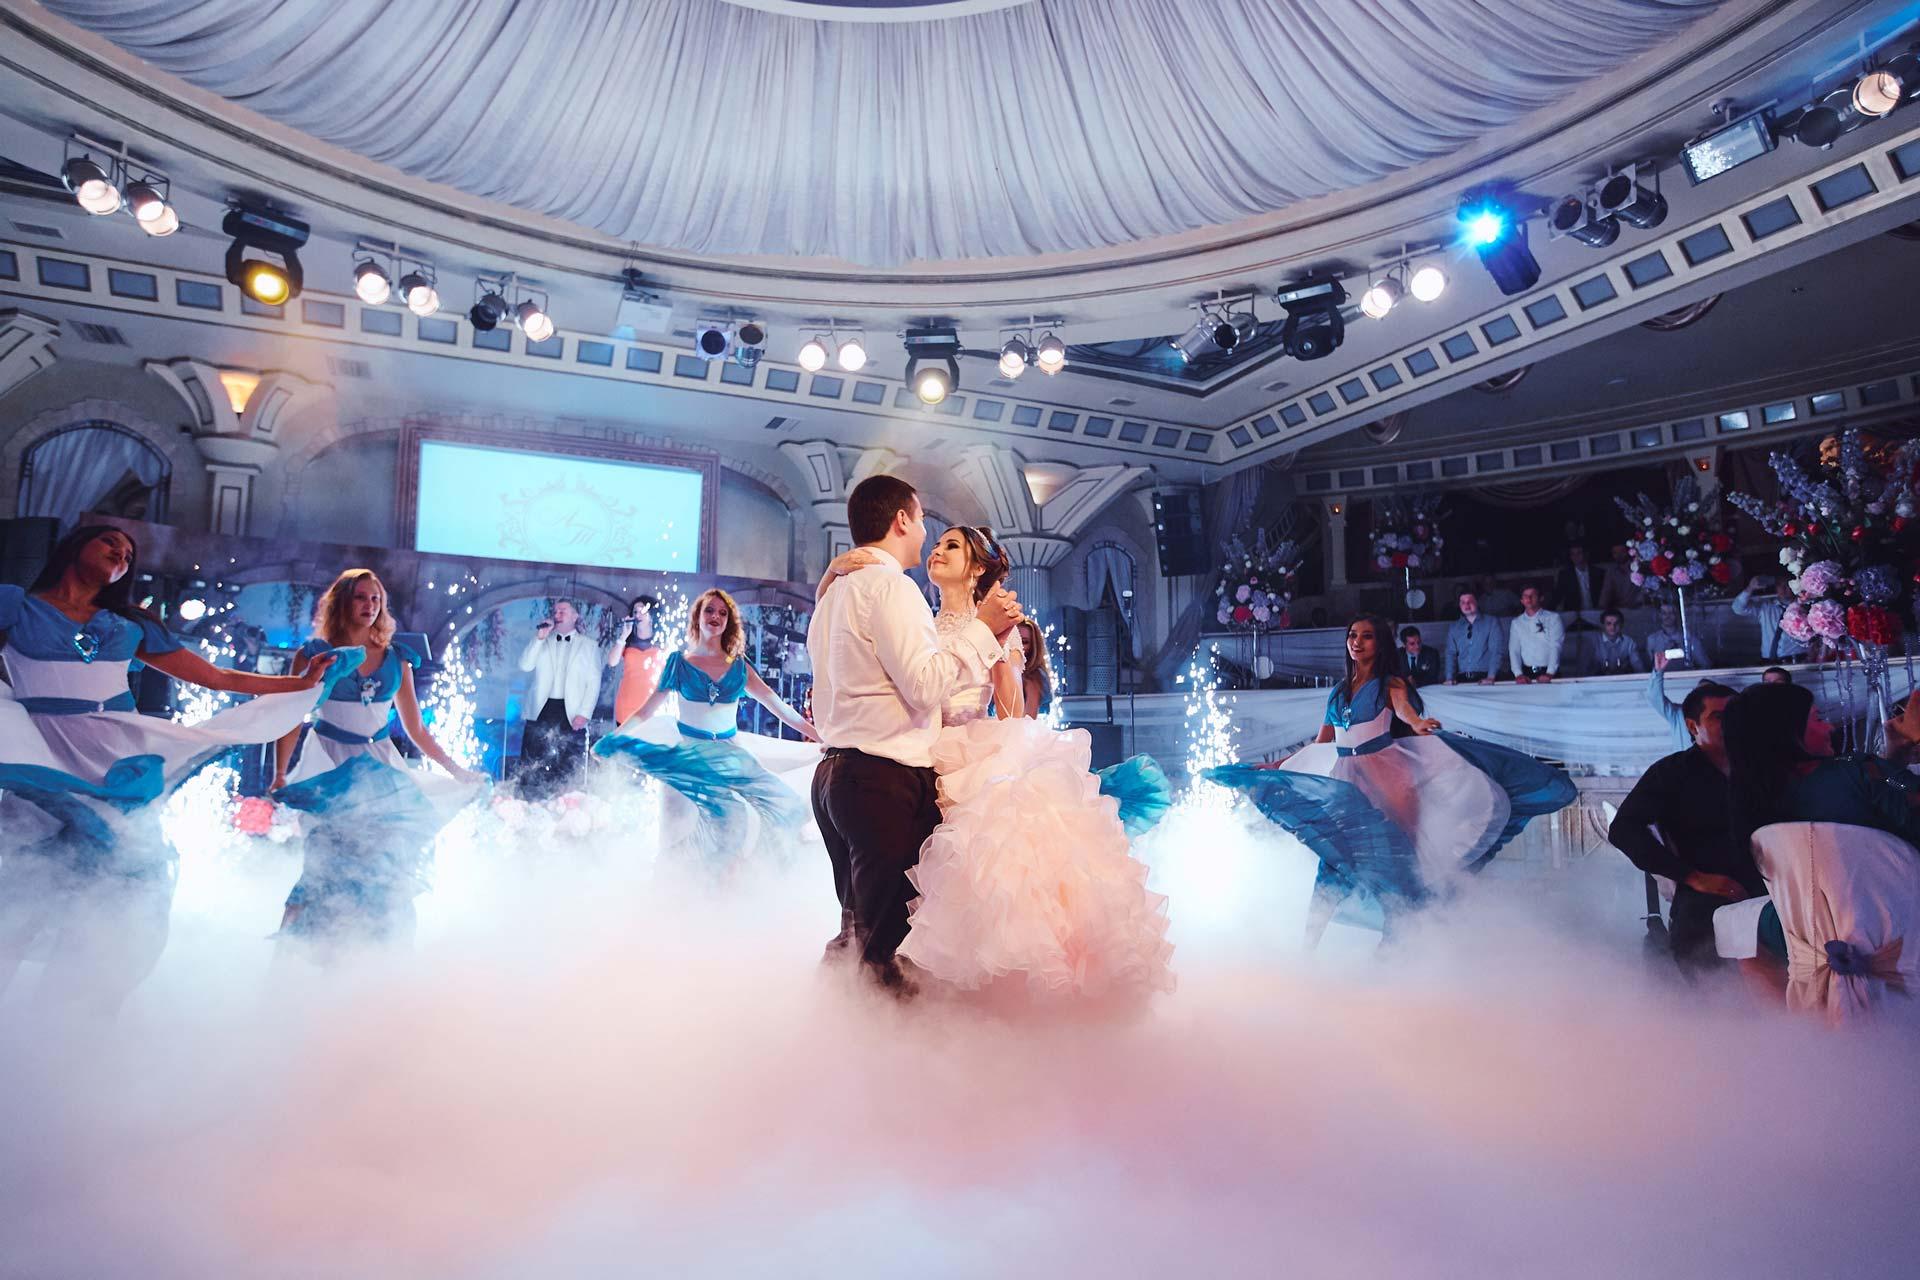 Мифология и национальные традиции. Свадьба Александра и Татьяны фото 21